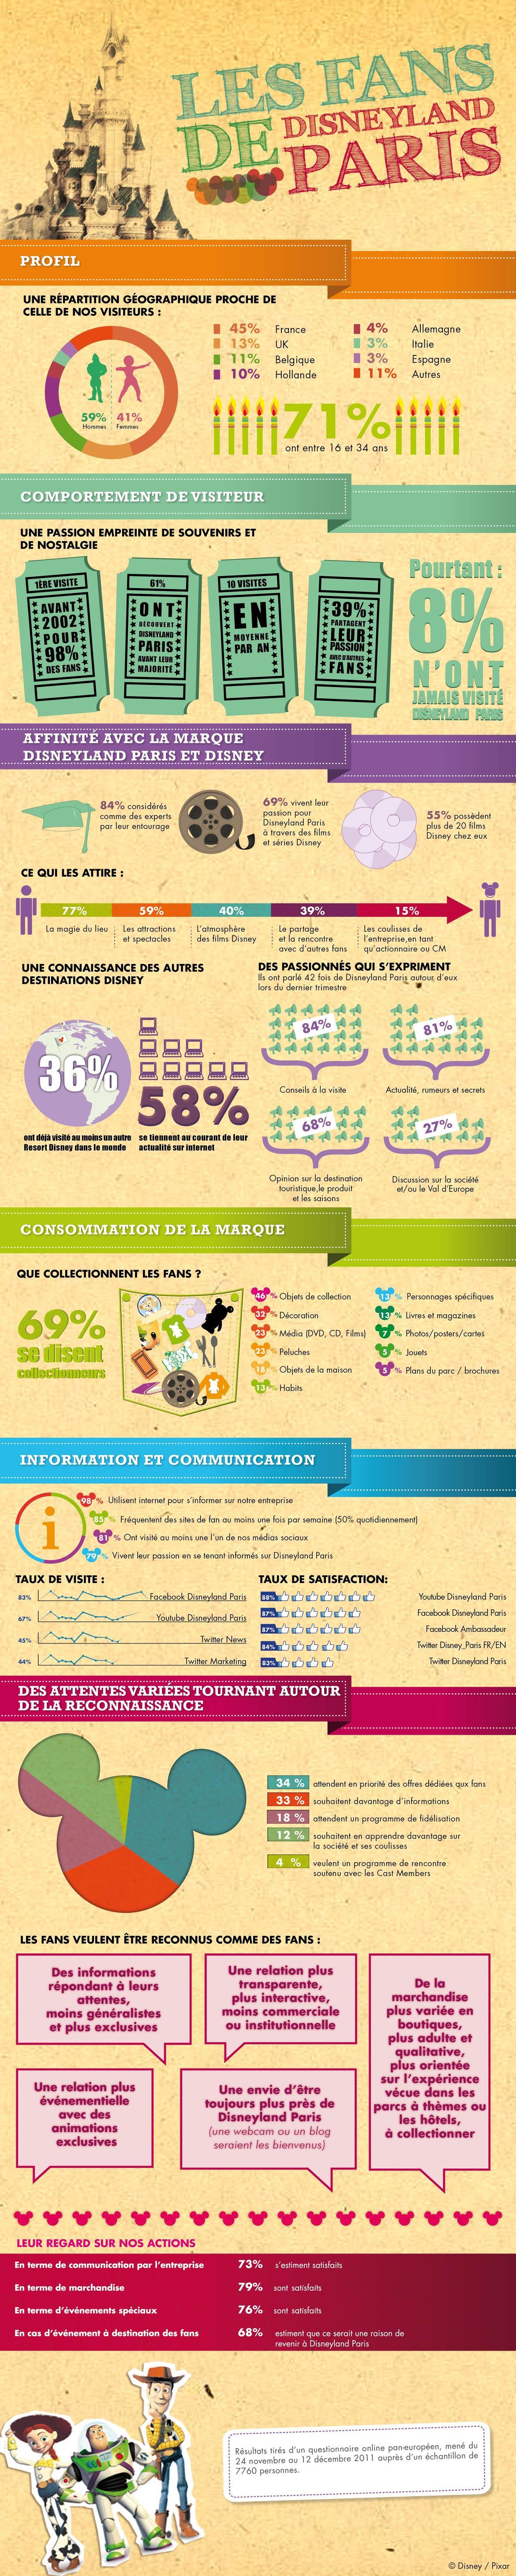 Infographie Enquete fans Disneyland Paris